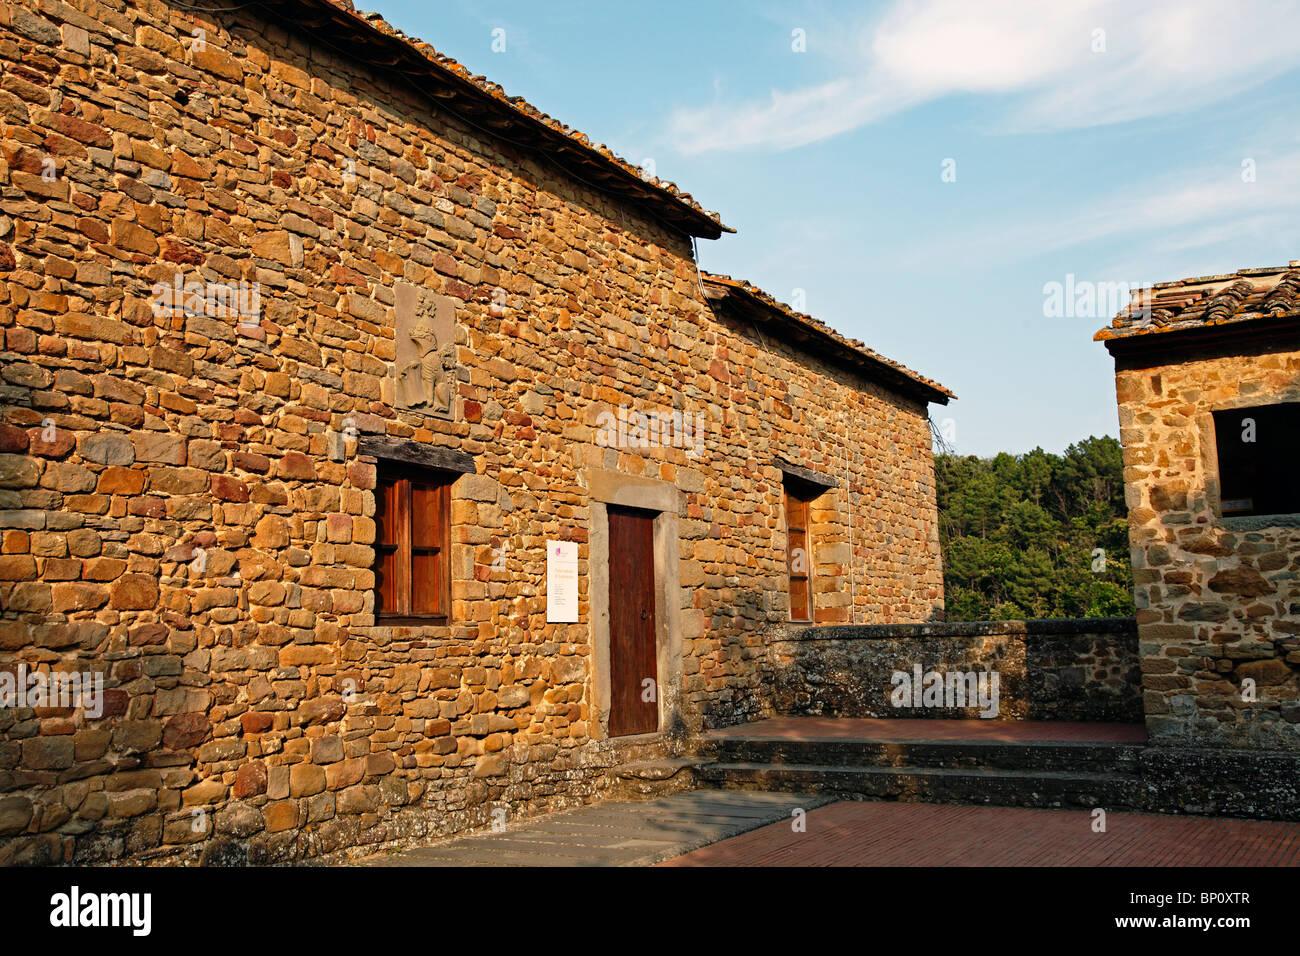 Leonardo Da Vinci Haus leonardo da vinci vinci maison toscane italie banque d'images, photo